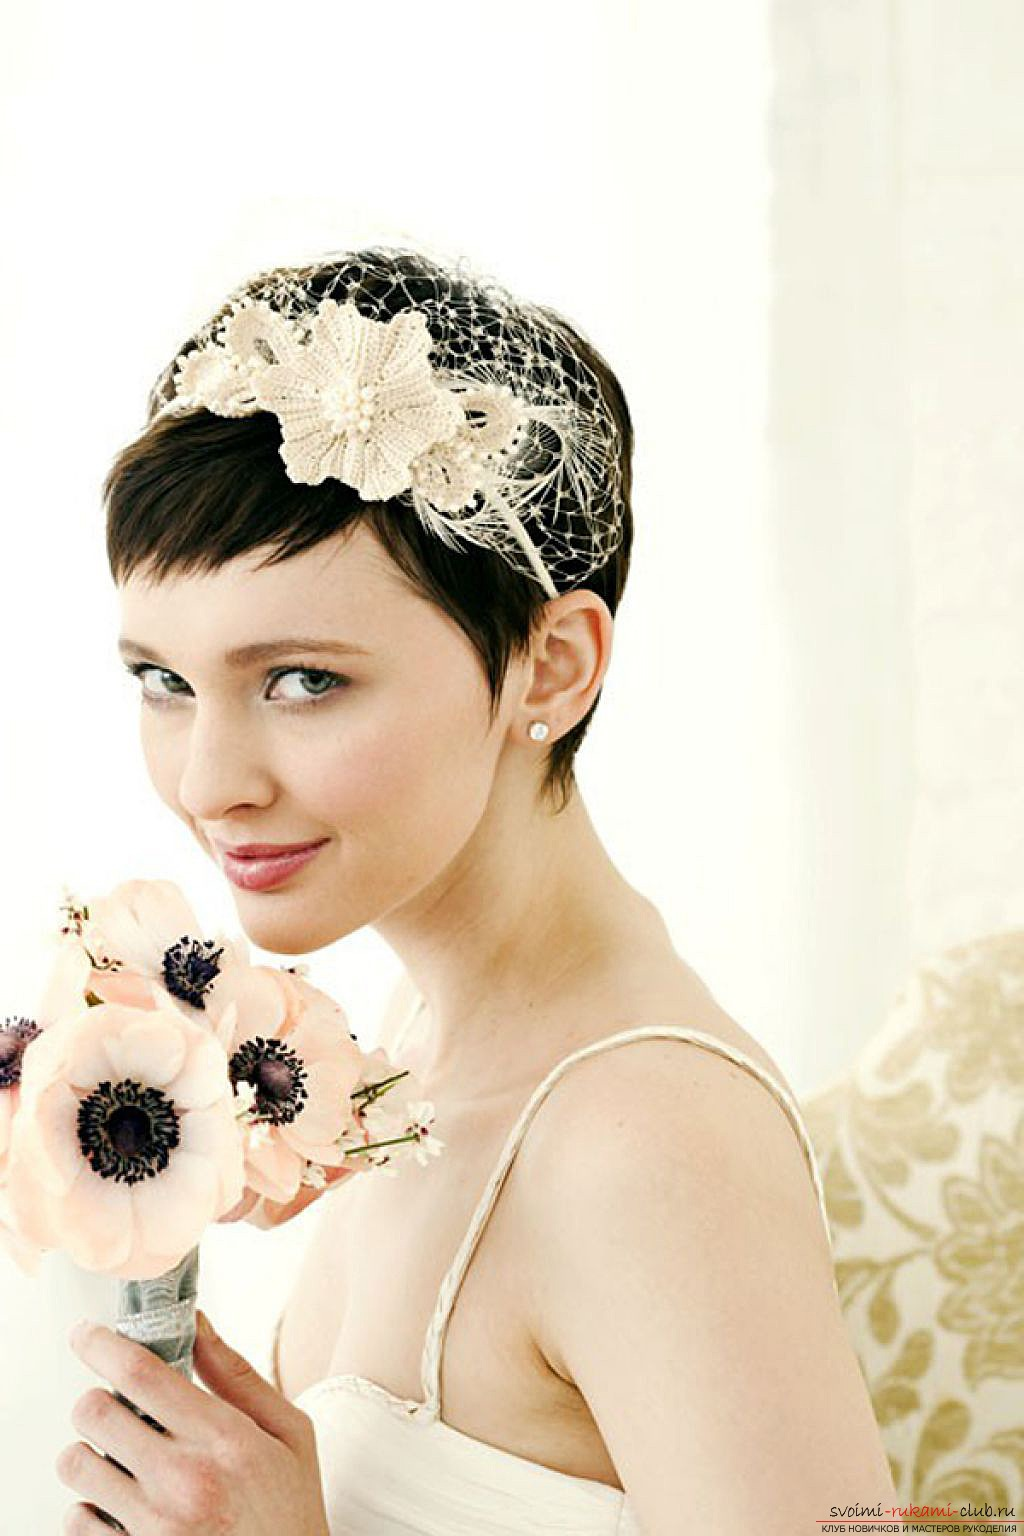 : свадебная прическа с короткими волосами с диадемой.